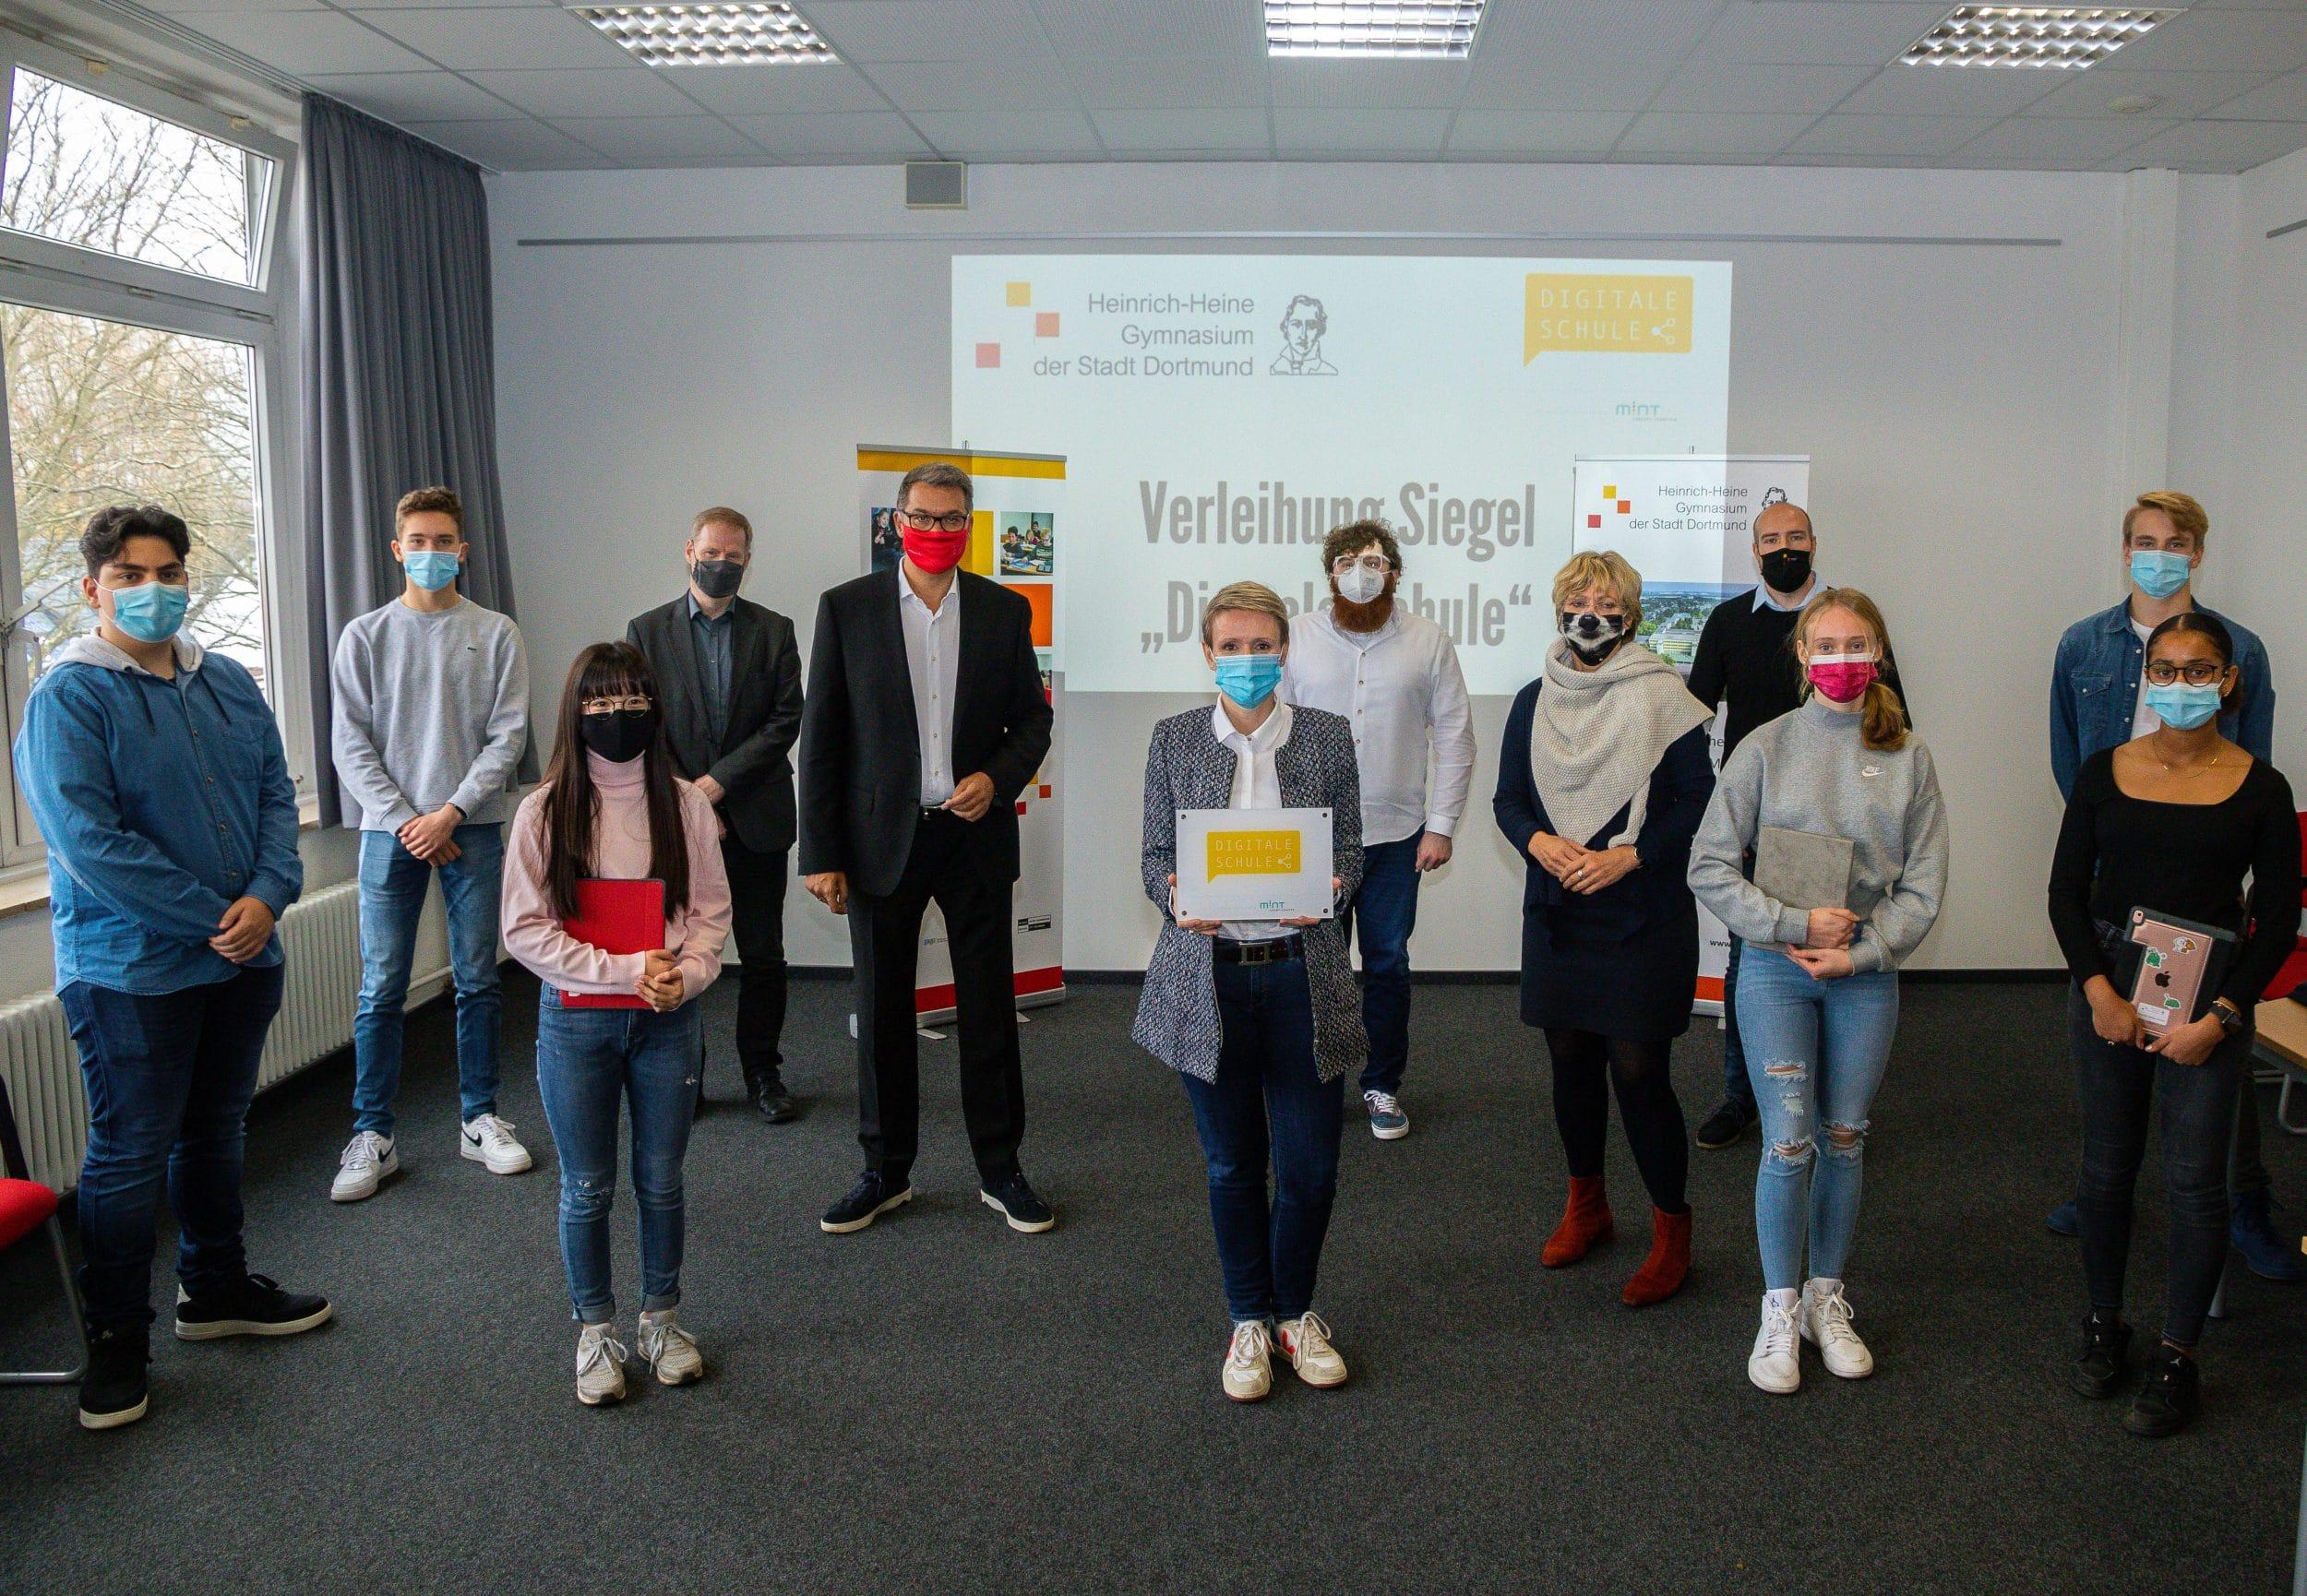 """Die Verleihung des Siegels """"Digitale Schule"""" fand in den Räumen der Schule statt statt. (Fotos: IN-StadtMagazine)"""